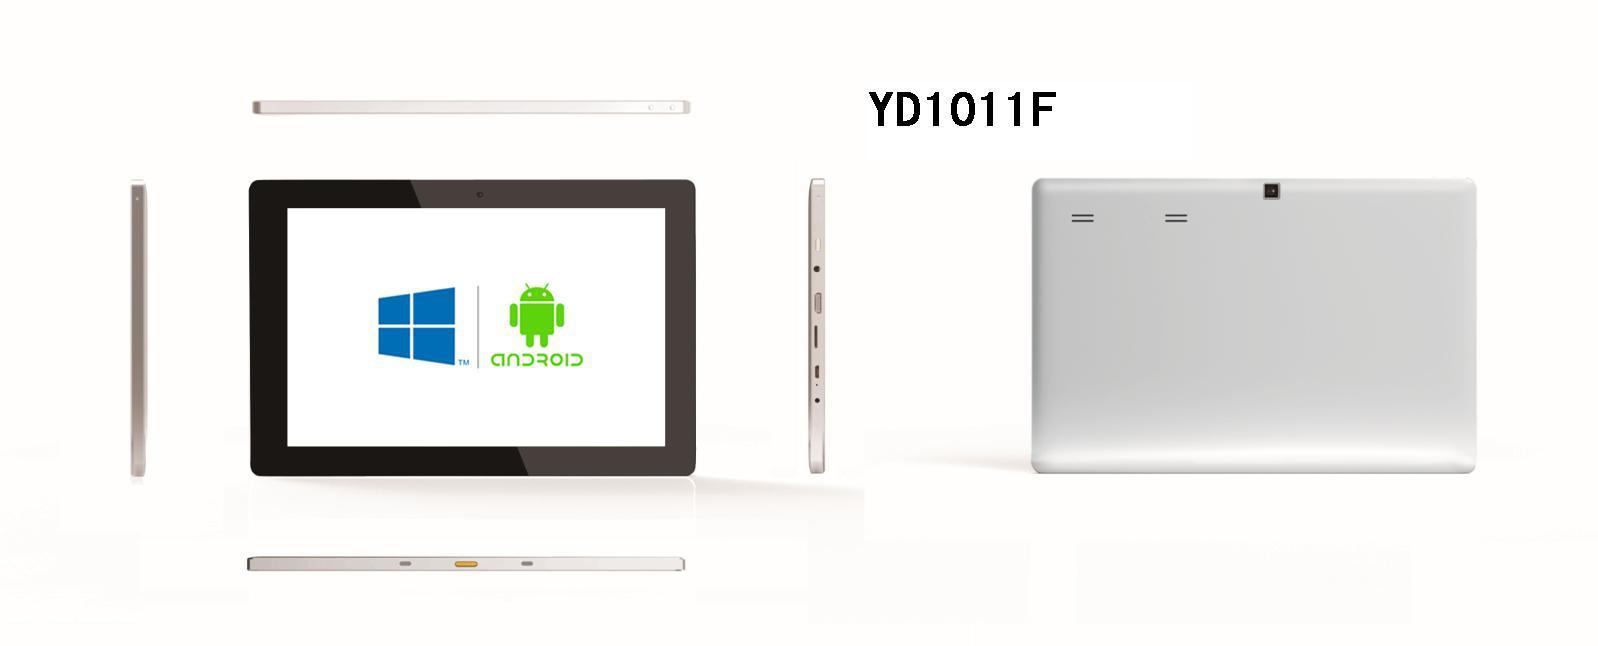 Hai hệ thống trên toàn thế giới. Cái đầu tiên (win8/ Android) 3G bảng laptop cao cấp